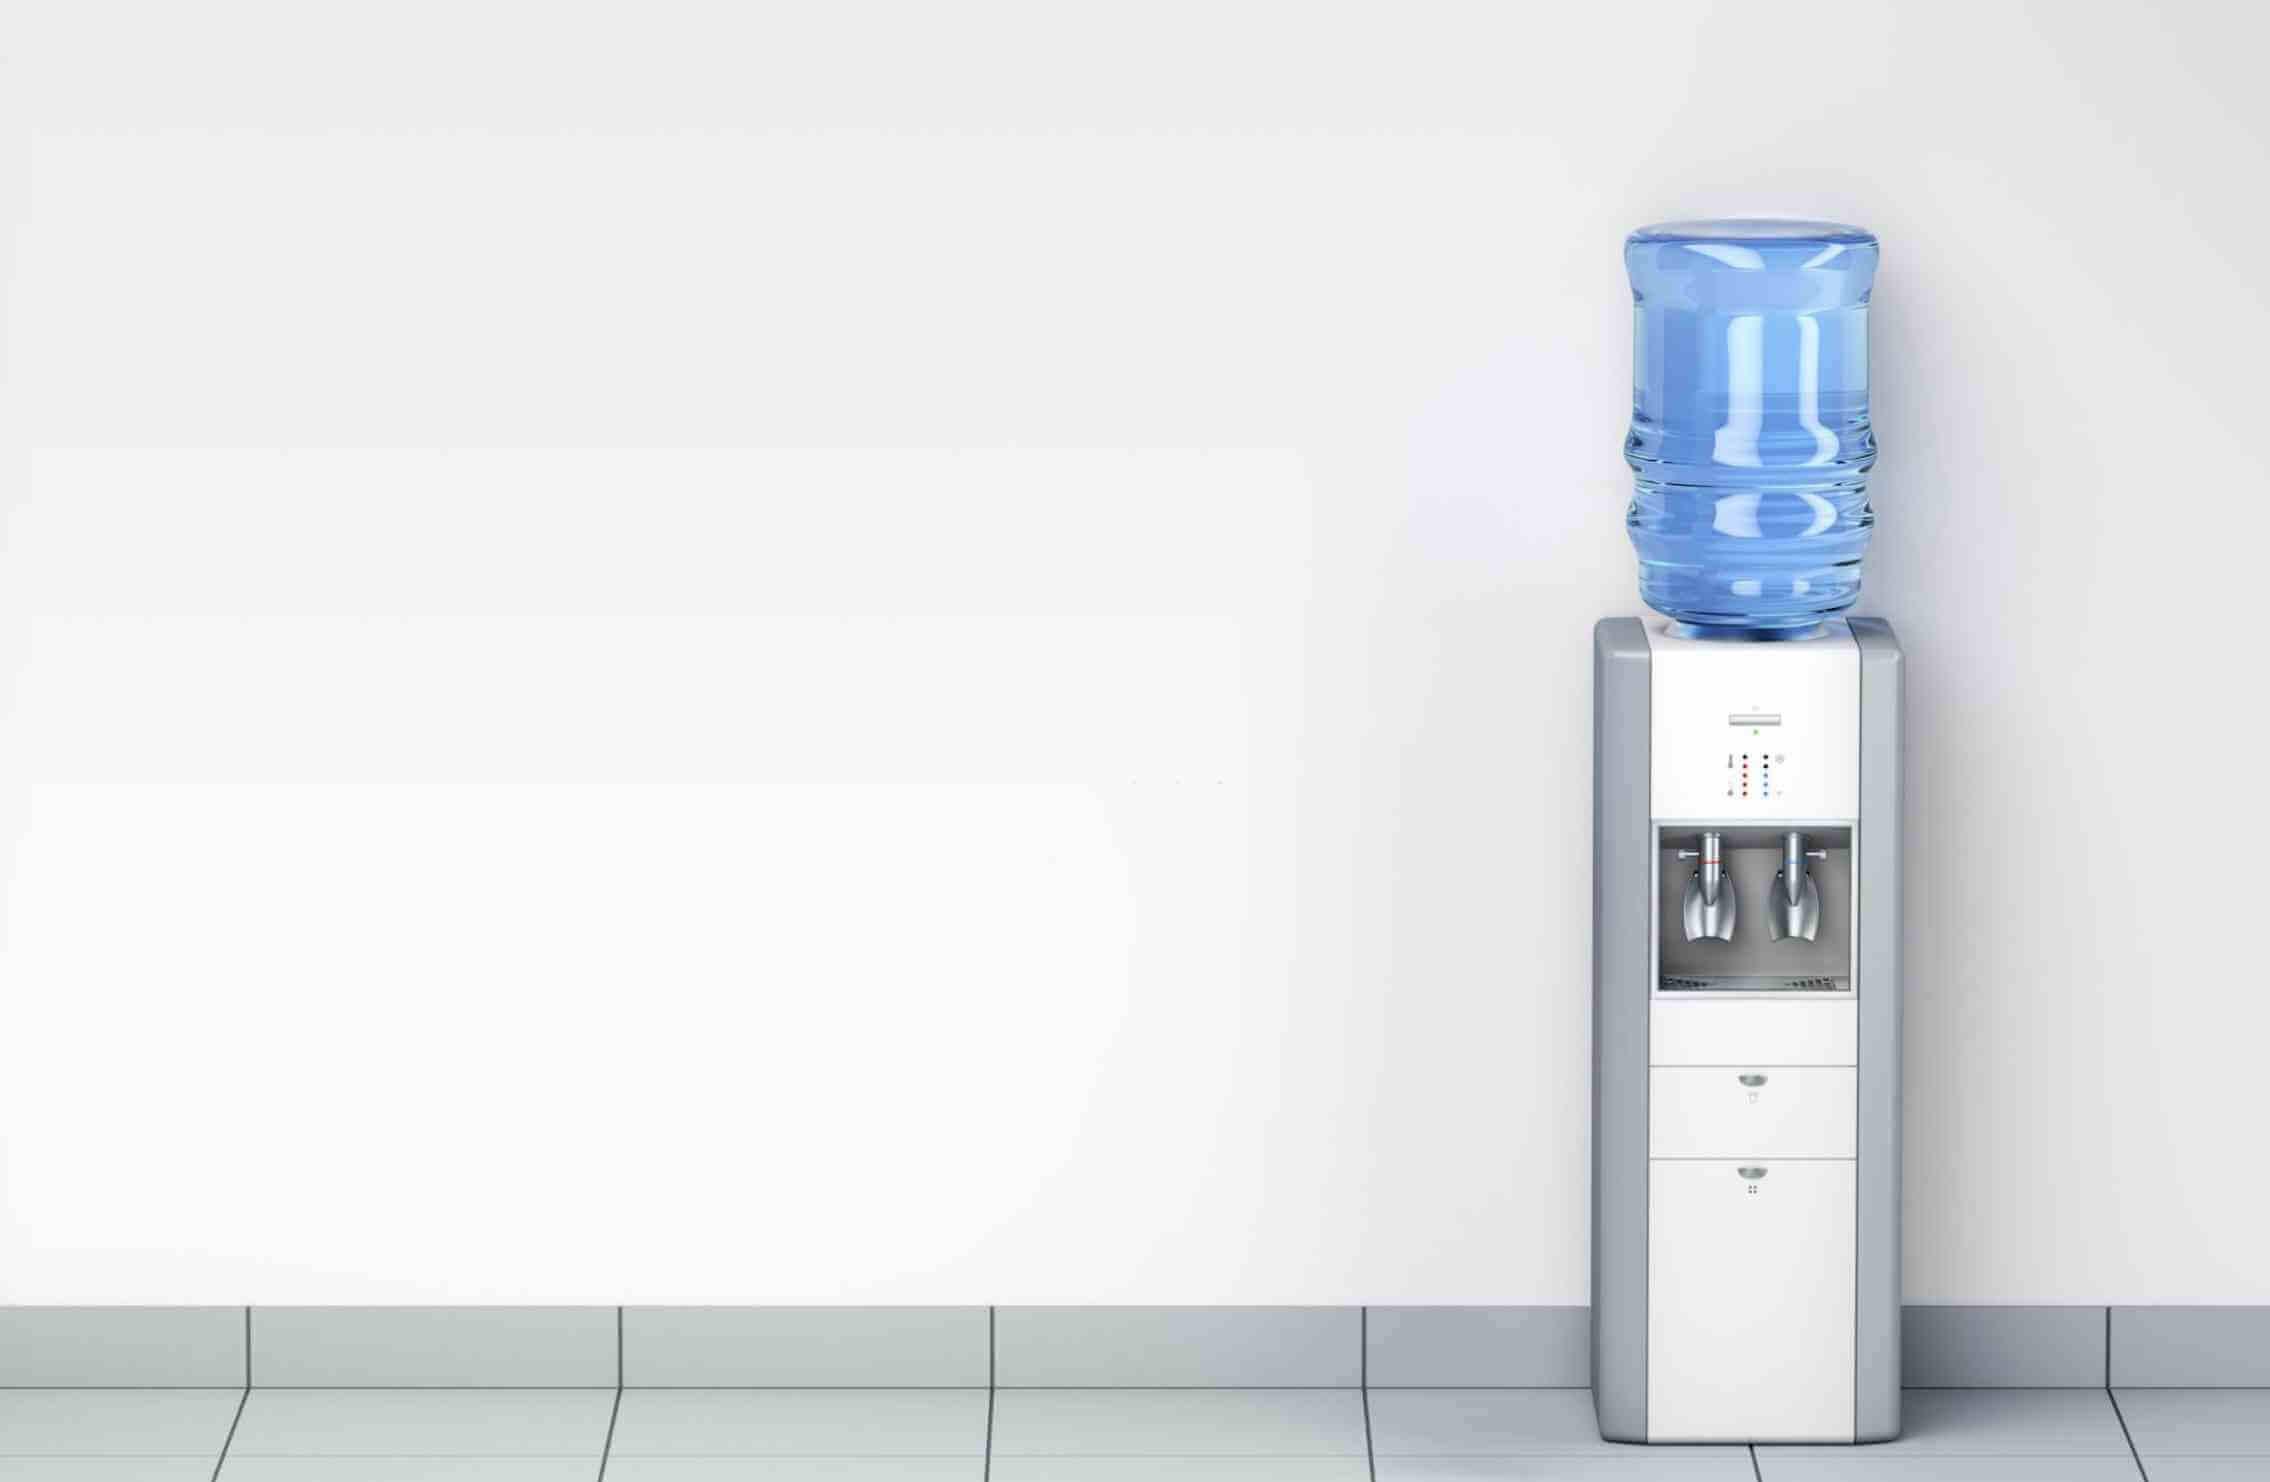 Thiết kế bình nước úp ngược